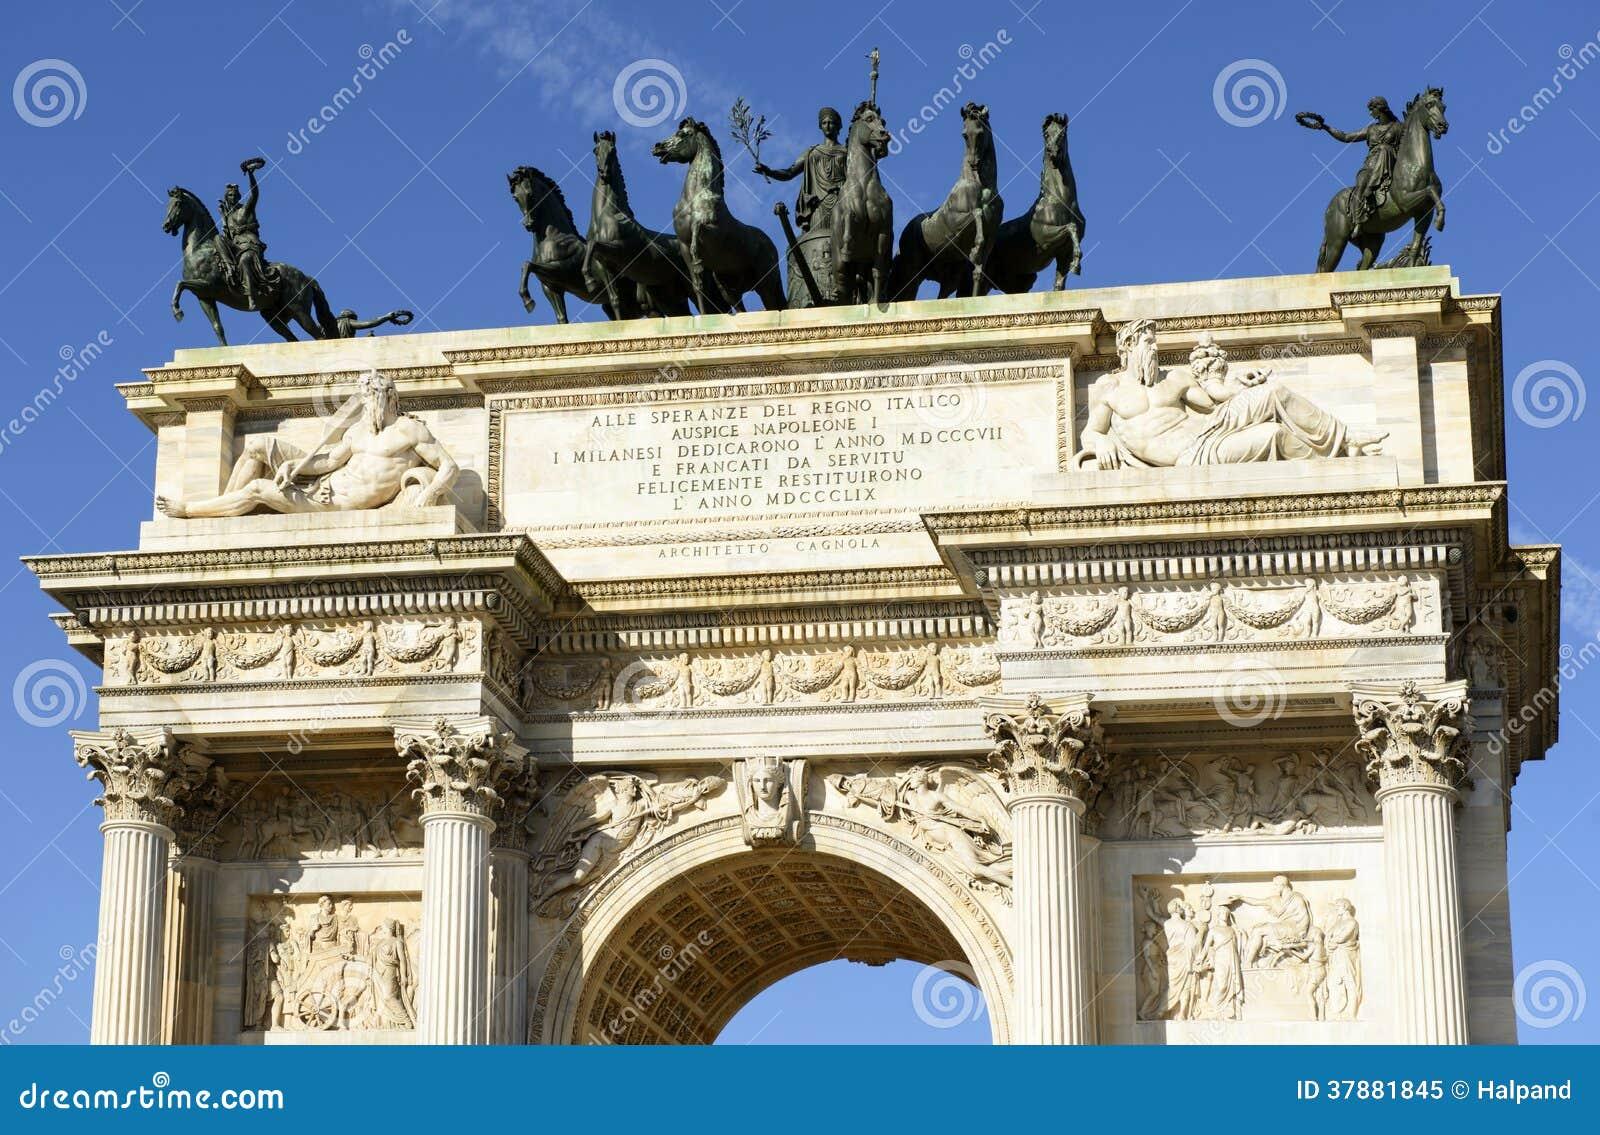 Arco het bovenste gedeelte van het dellatempo, Milaan